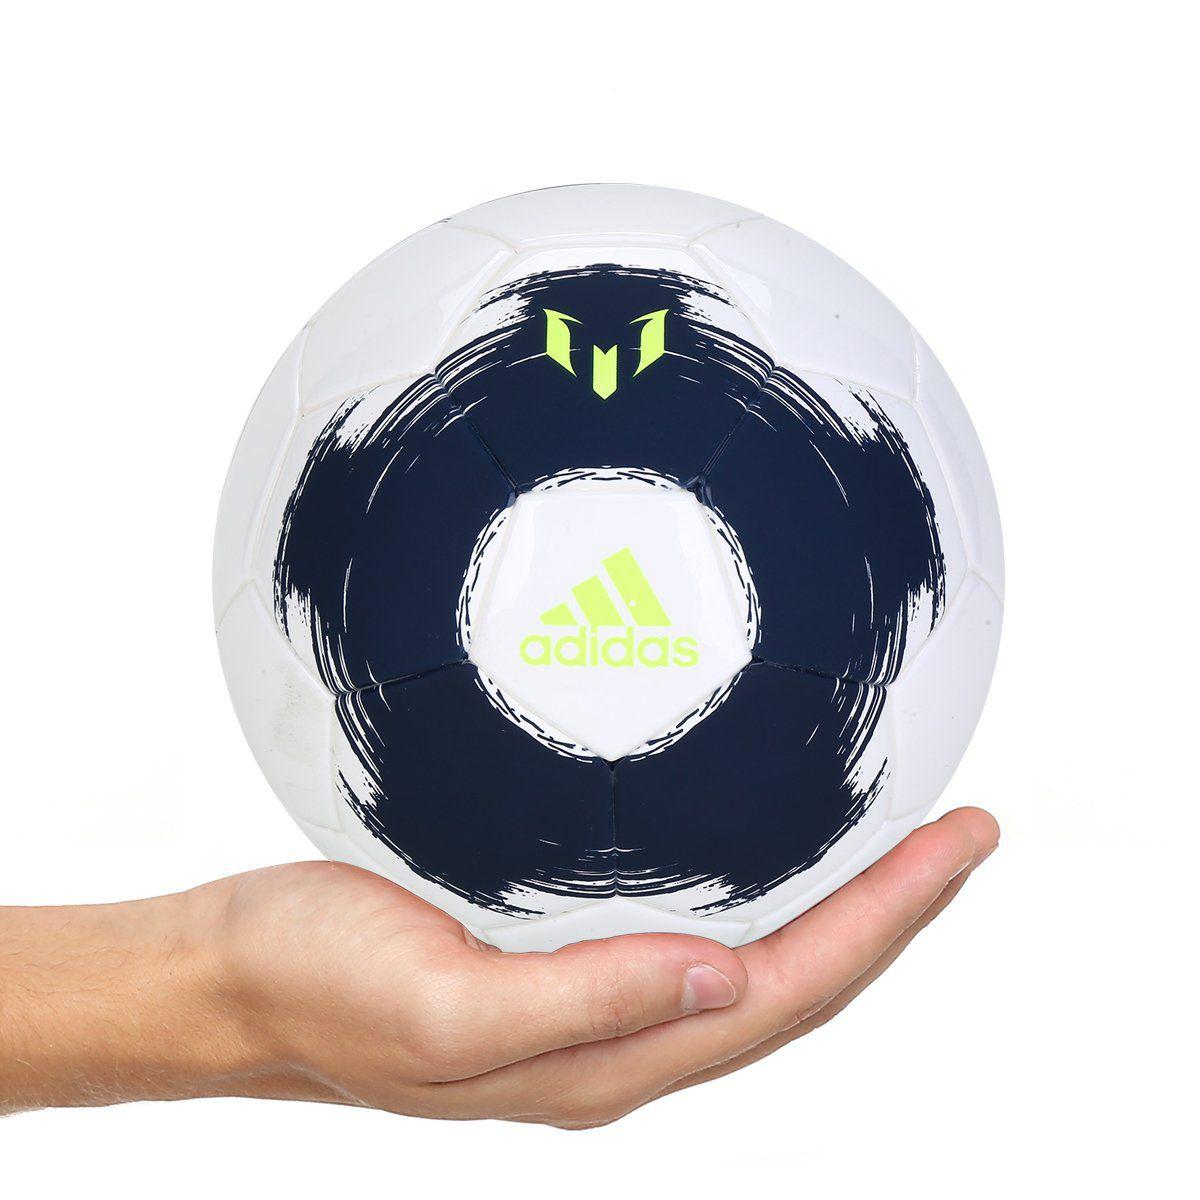 Mini Bola Adidas Messi Capitano